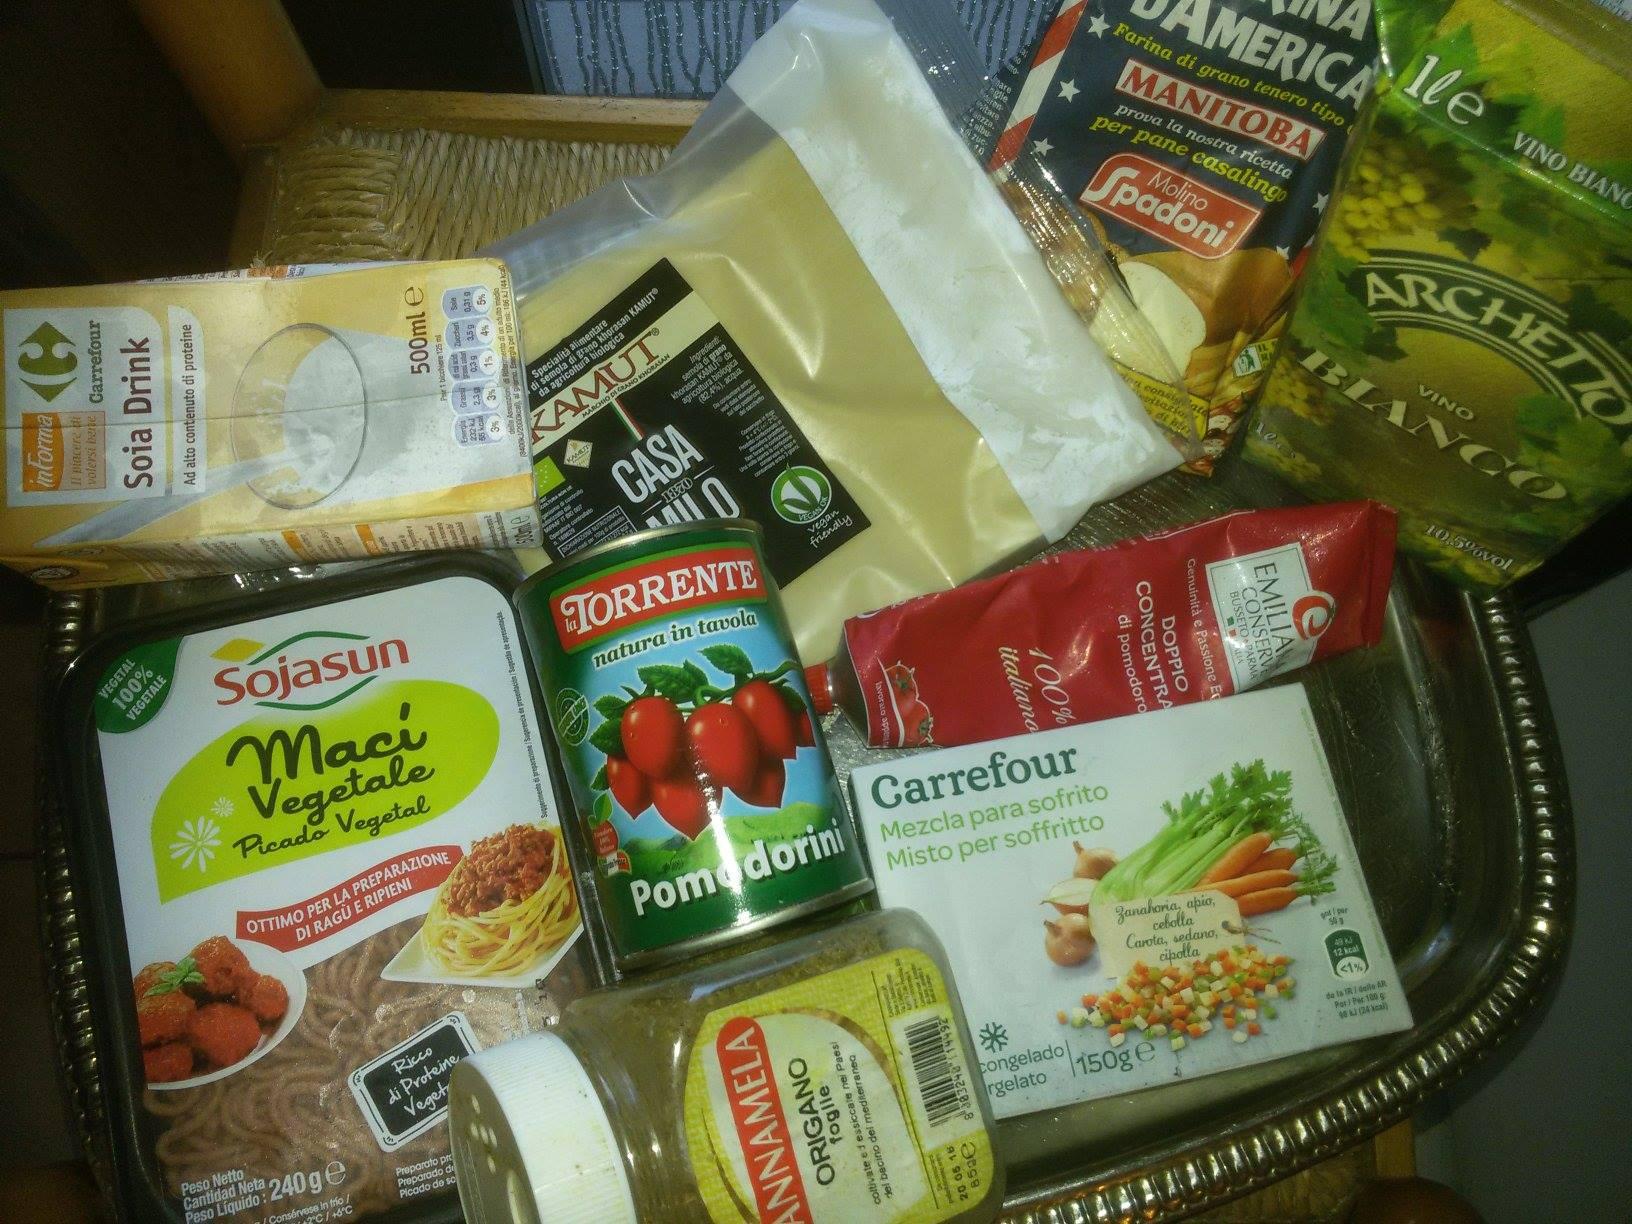 ricettevegan.org - lasagna vegan 1